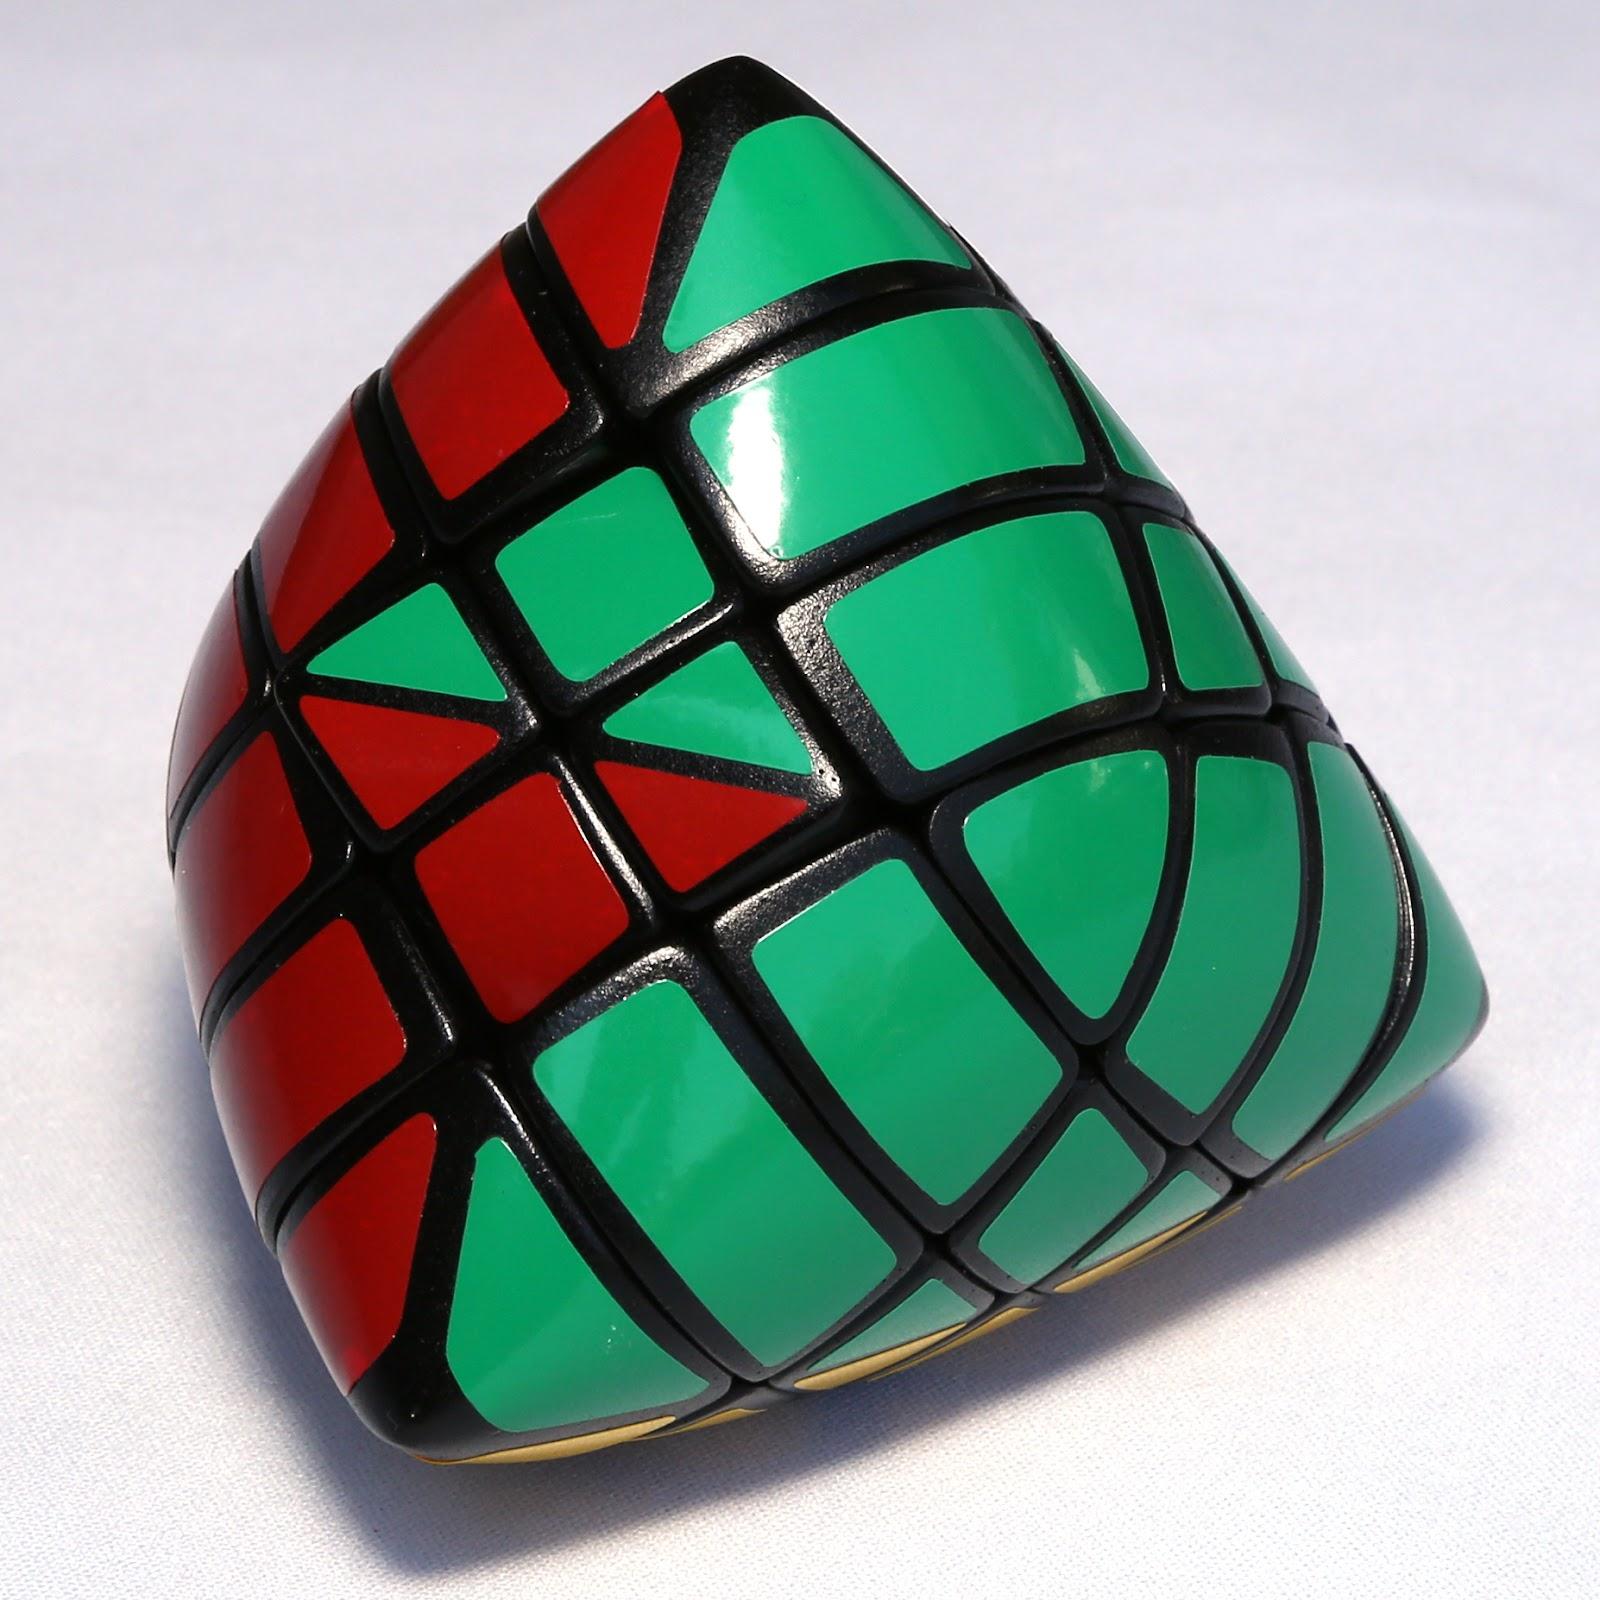 TwistyPuzzles com Forum • View topic - 4x4 megamorphix parity